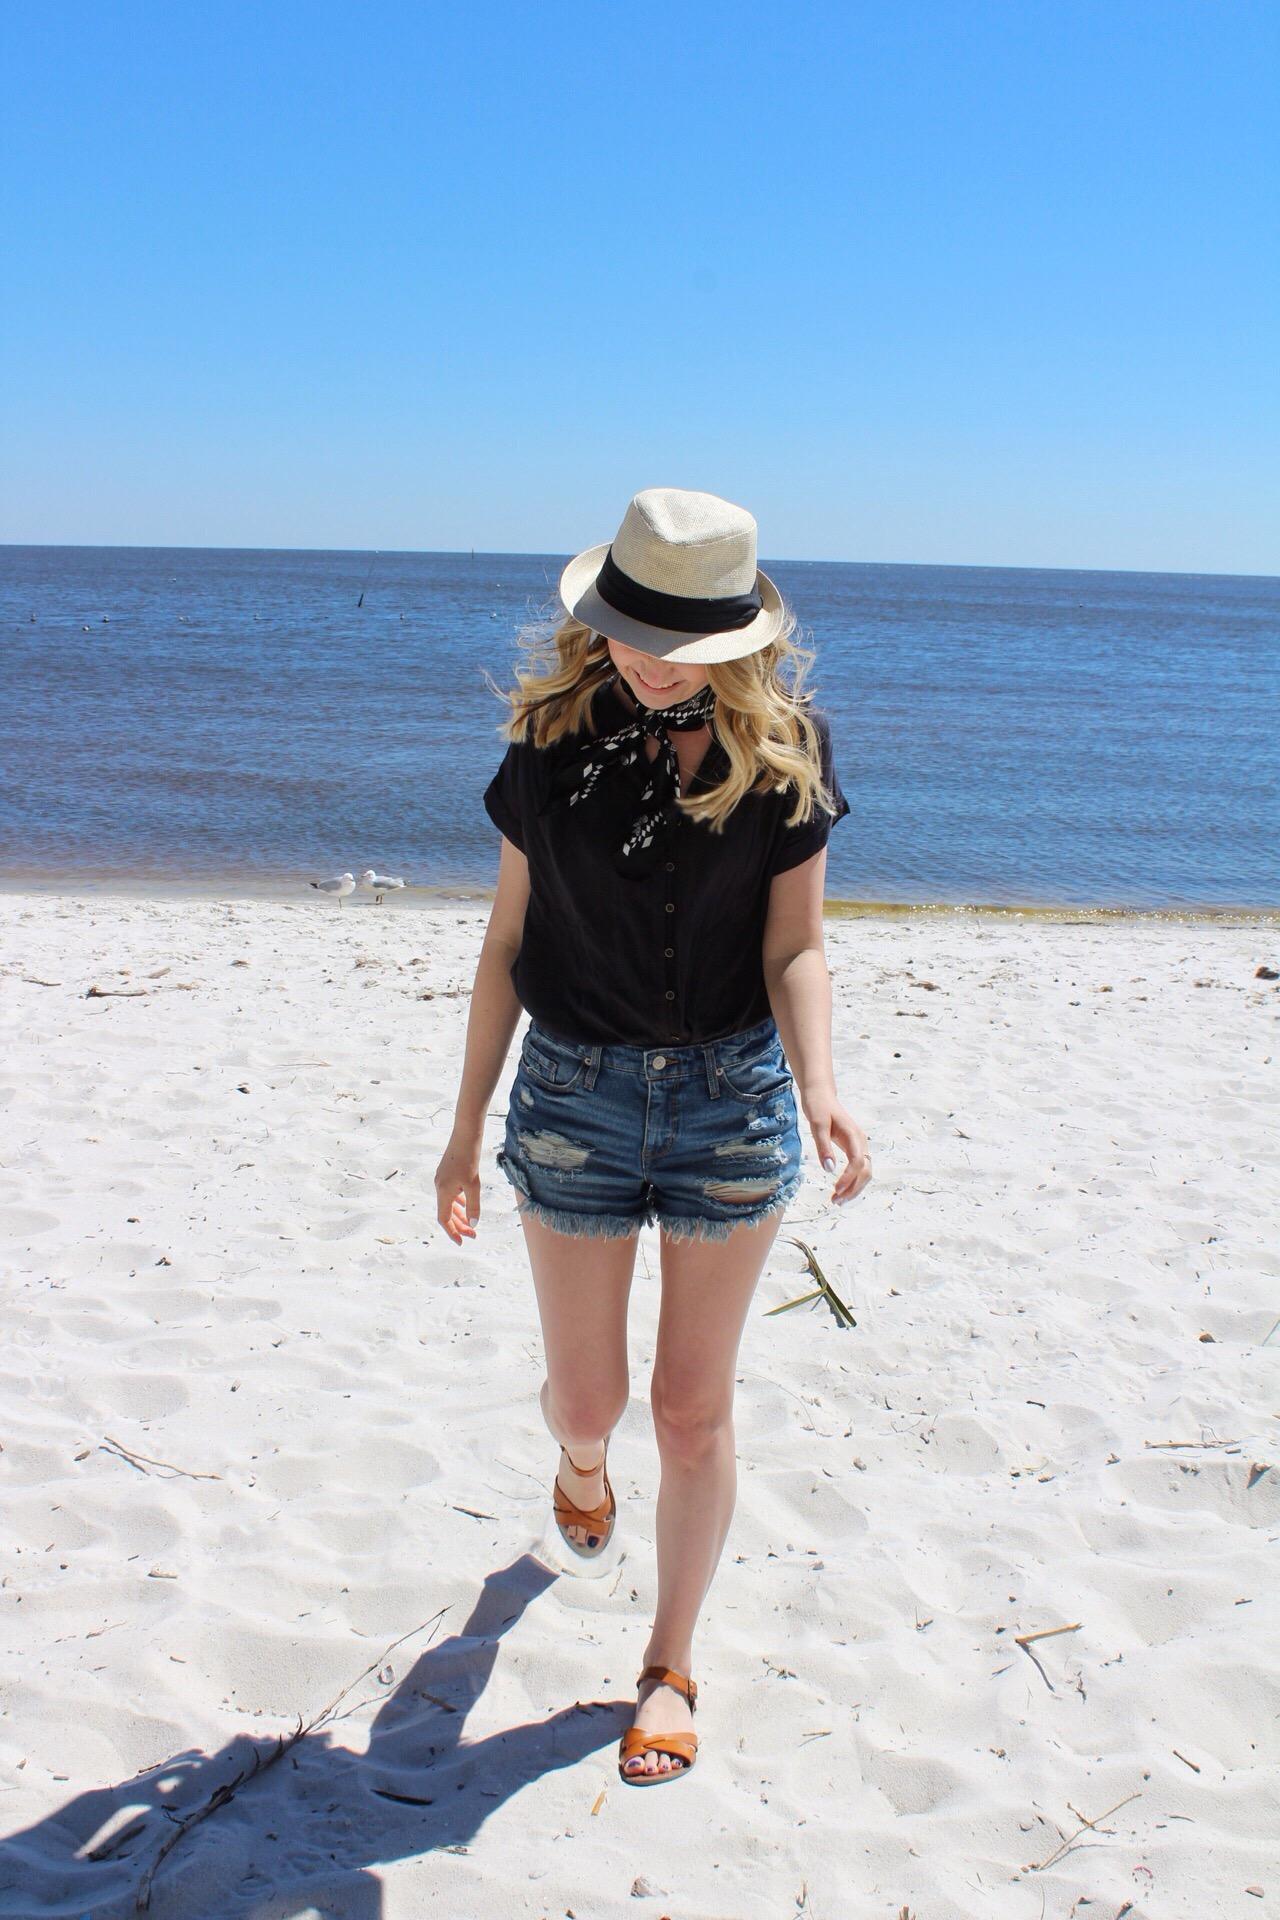 beachwalking.JPG